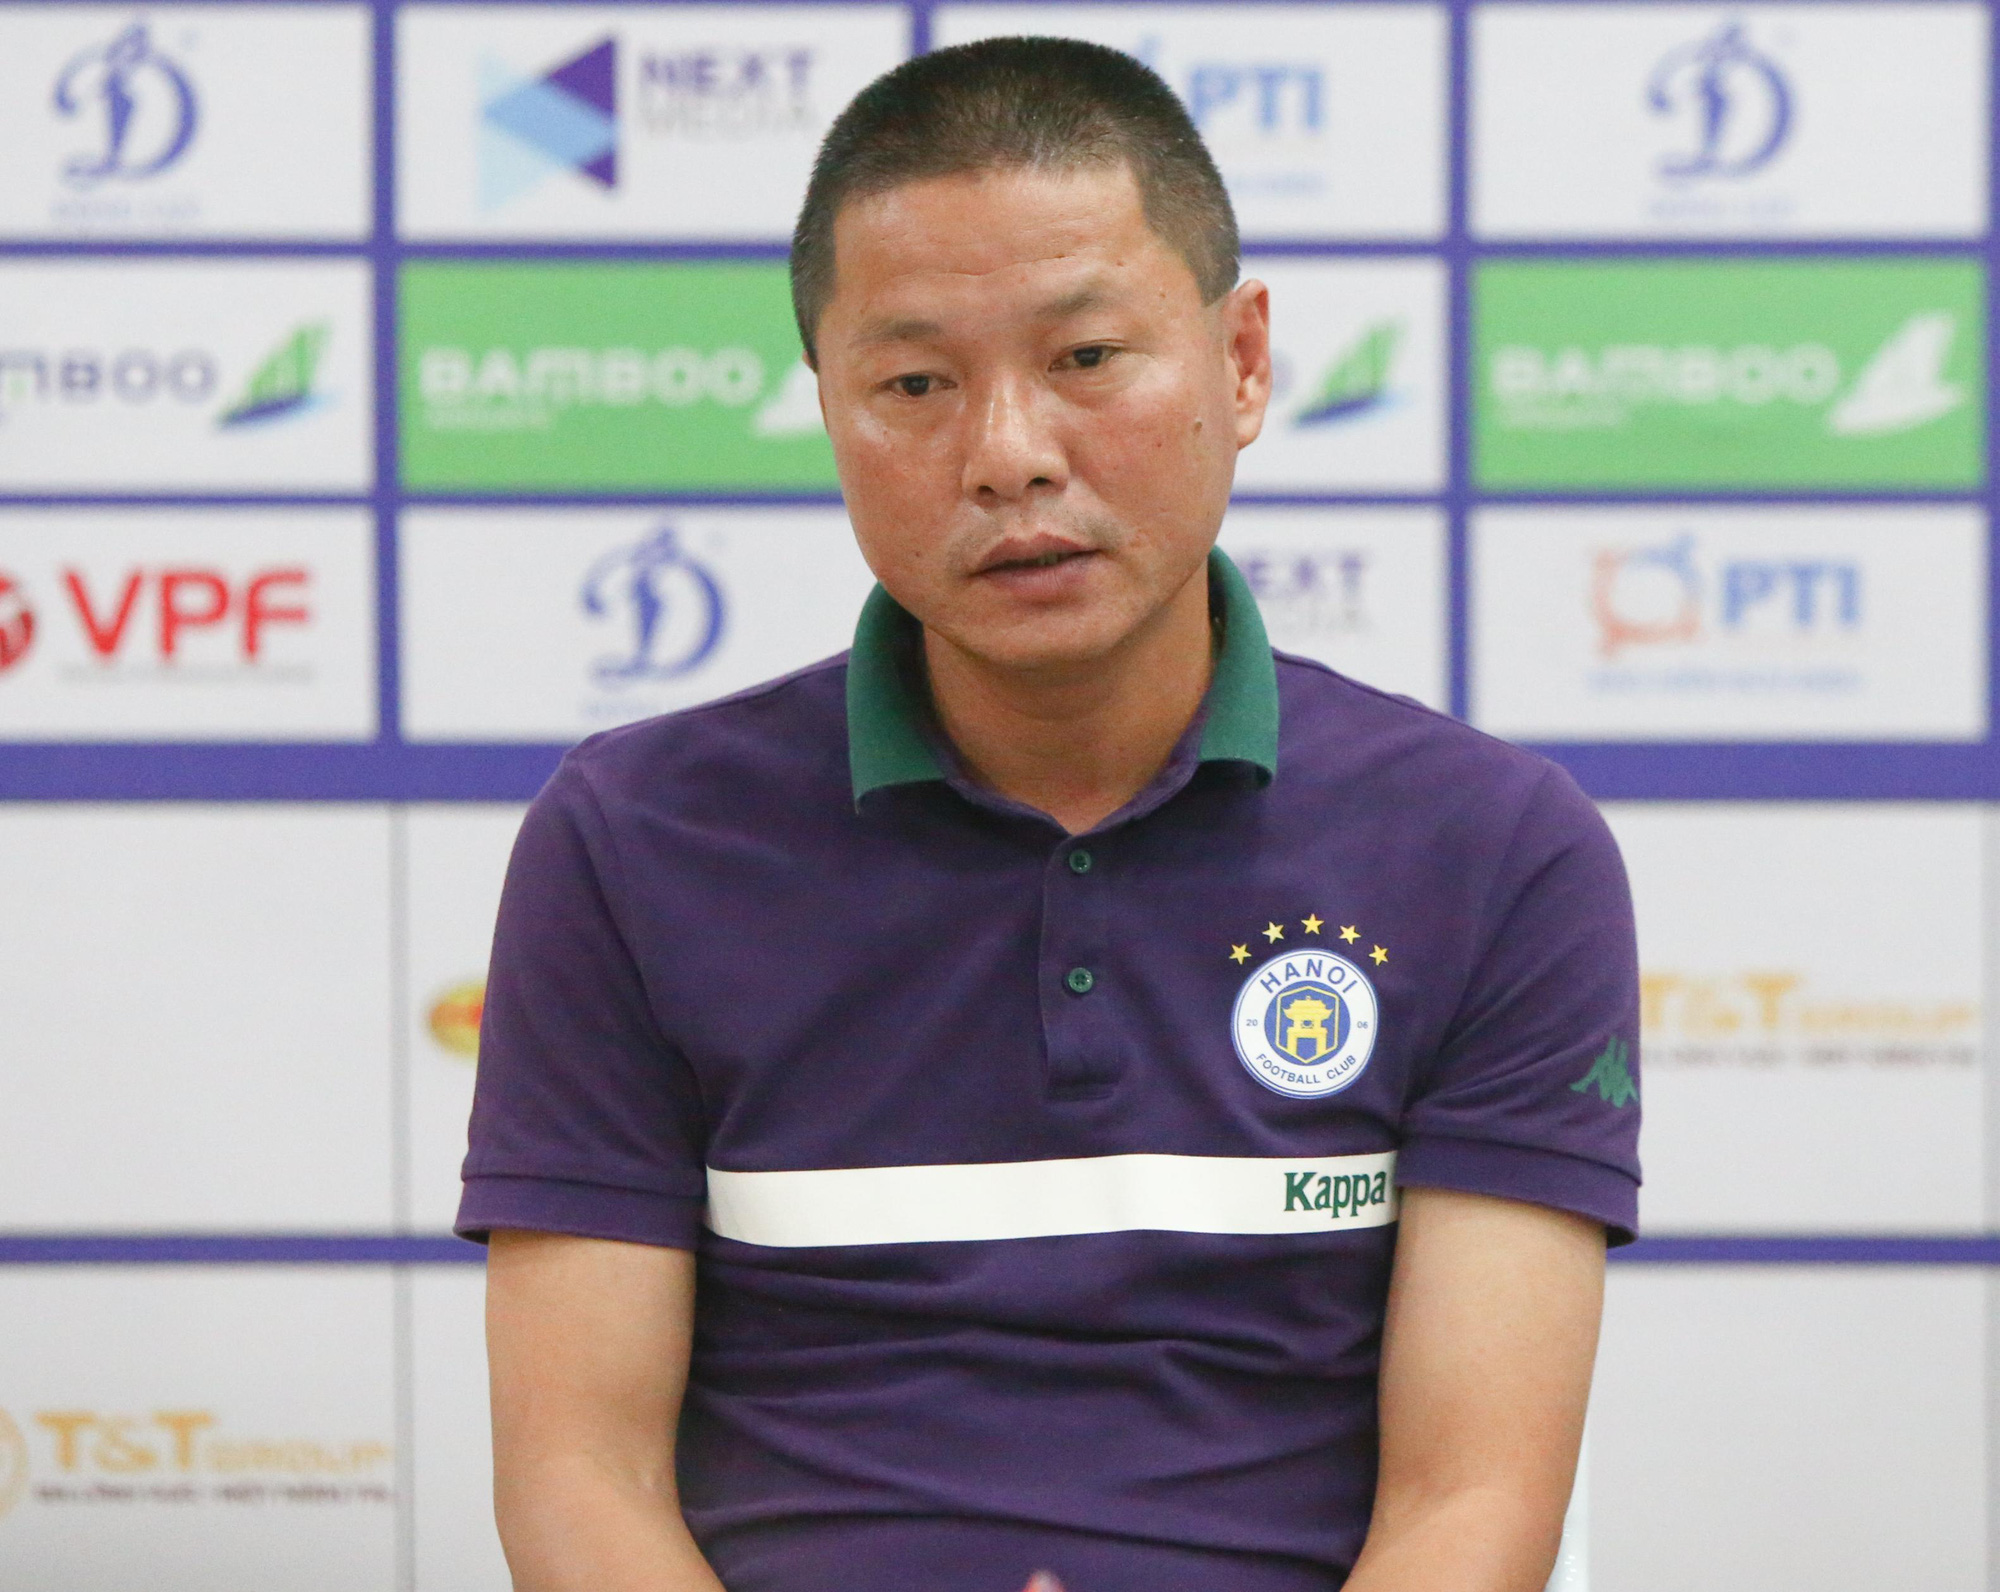 HLV Chu Đình Nghiêm bày tỏ mối lo nếu trời mưa to sẽ ảnh hưởng tới lối chơi của Hà Nội FC trong trận chung kết Cúp QG gặp Viettel. Ảnh: Đức Tú